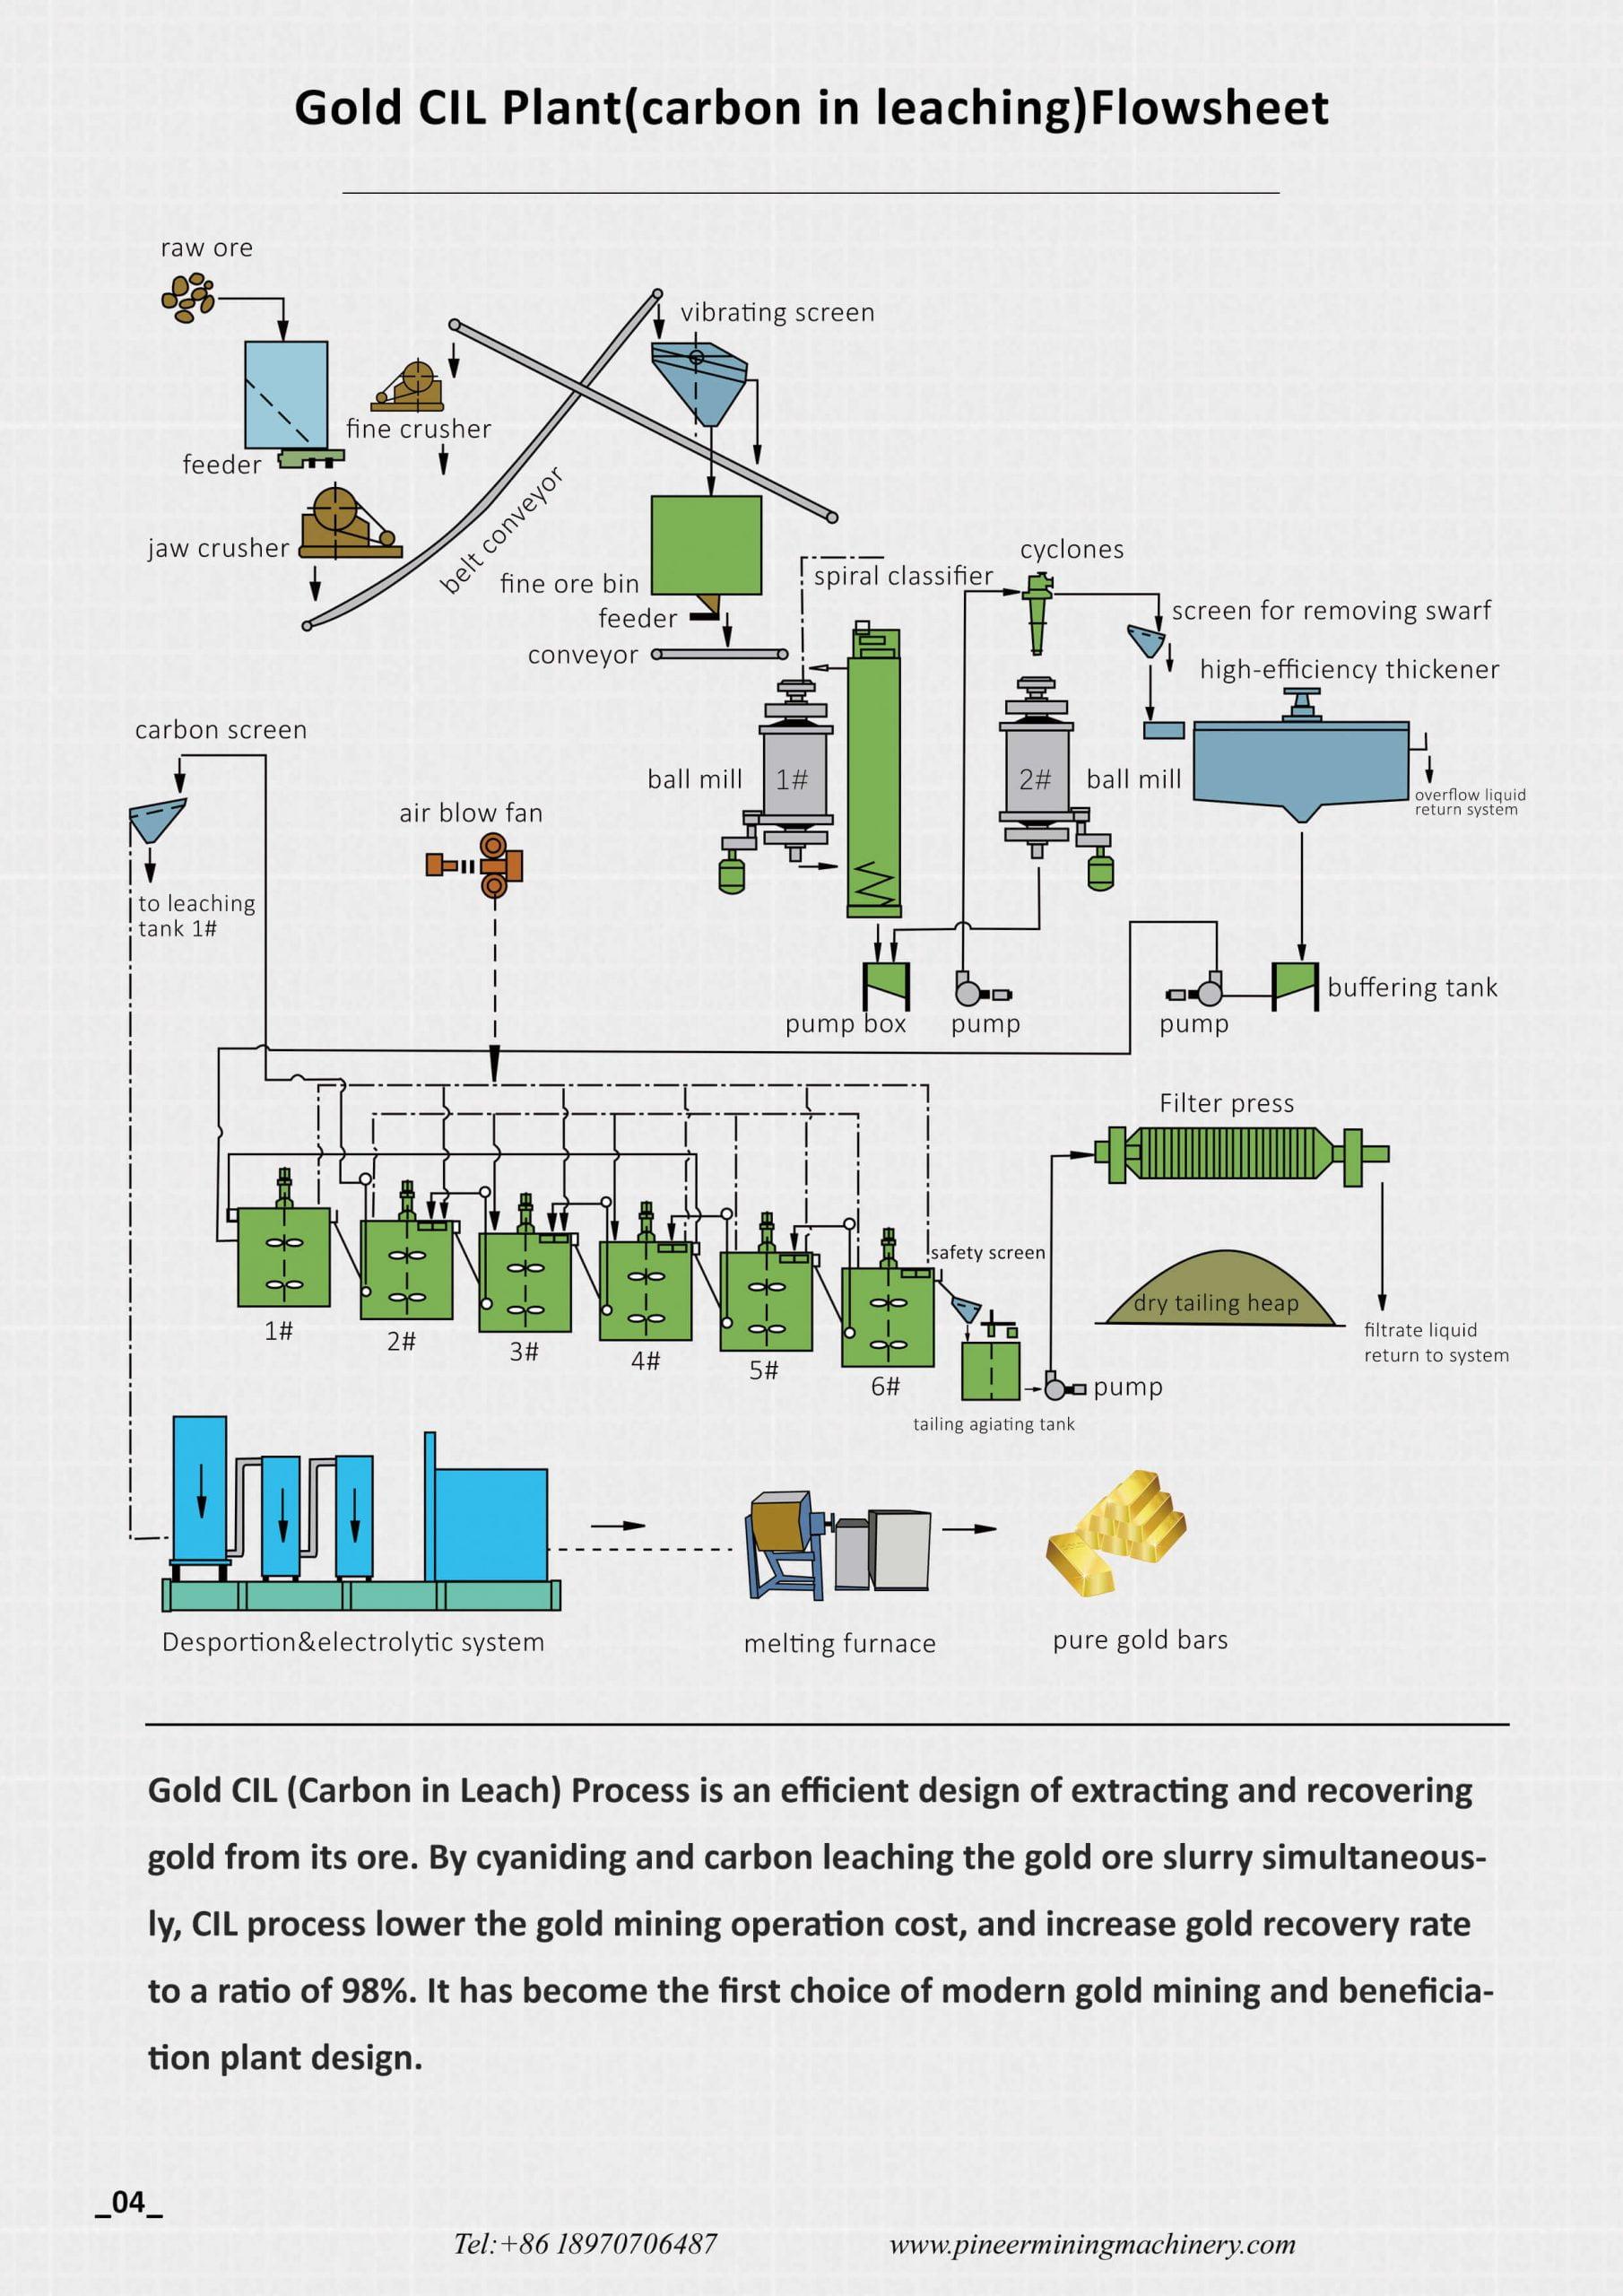 Gold CIL Plant design